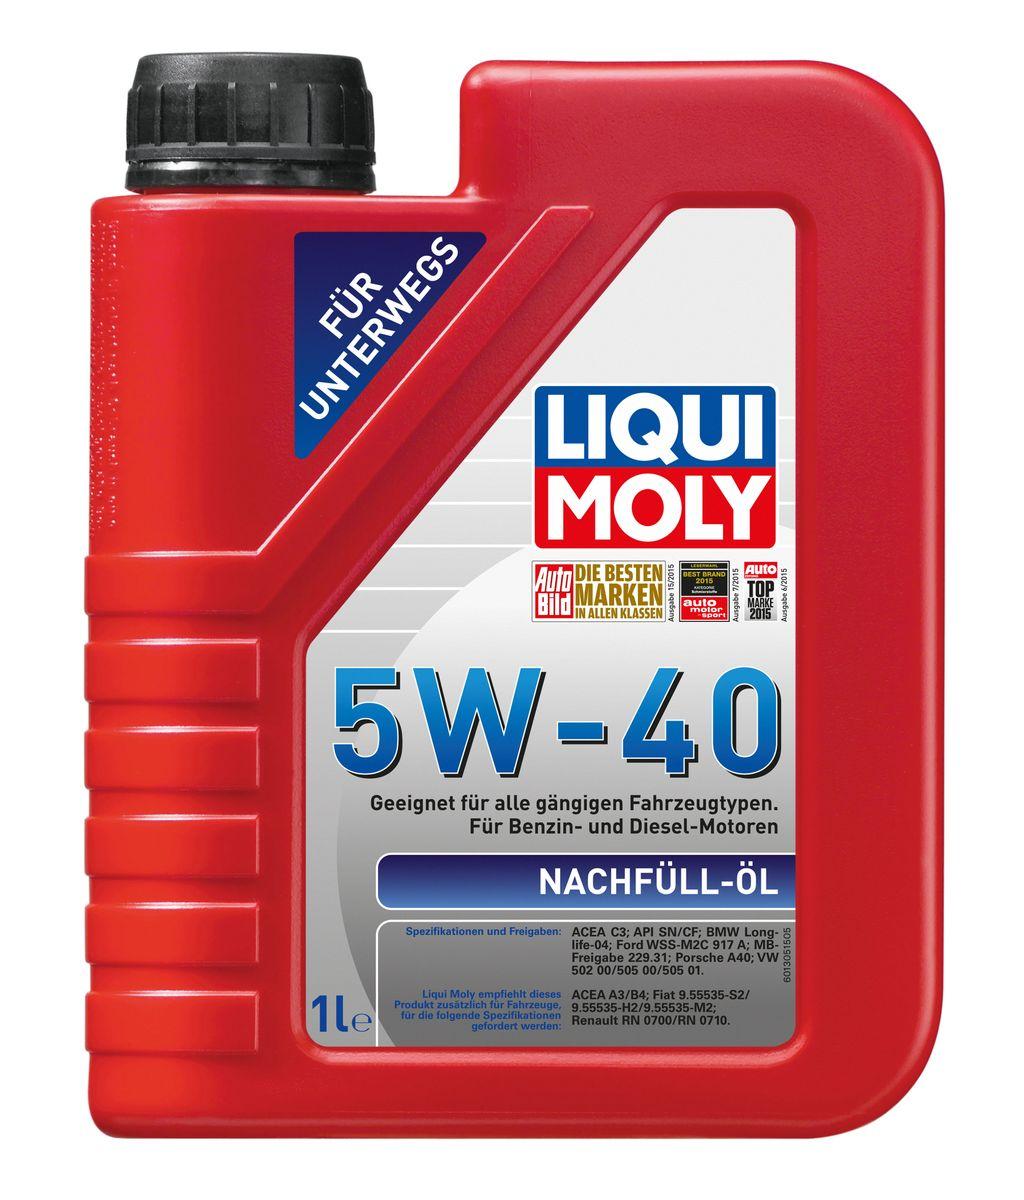 Масло моторное Liqui Moly Nachfull Oil, НС-синтетическое, 5W-40, 1 л8027Масло моторное Liqui Moly Nachfull Oil специально предназначено для доливки в случае, если ранее залитое масло недоступно. Смешивается и совместимо со всеми стандартными моторными маслами. Это современное малозольное НС-синтетическое моторное масло с именными допусками производителей. Экономит топливо за счет сниженной высокотемпературной вязкости. Снижает трение и износ в двигателе. Совместимо с большинством катализаторов и сажевых фильтров. Особенности: - предназначено для всех типов двигателей автомобилей, - смешивается со всеми обычными моторными маслами, - быстрое поступление масла ко всем деталям двигателя при низких температурах, - очень высокая стабильность масляной пленки при высоких и низких температурах, - высокая стабильность масла к сдвигу и старению, - очень хорошие противоизносные свойства, - экономит топливо и снижает количество вредных веществ в выхлопе, - обеспечивает оптимальную чистоту двигателя, -...